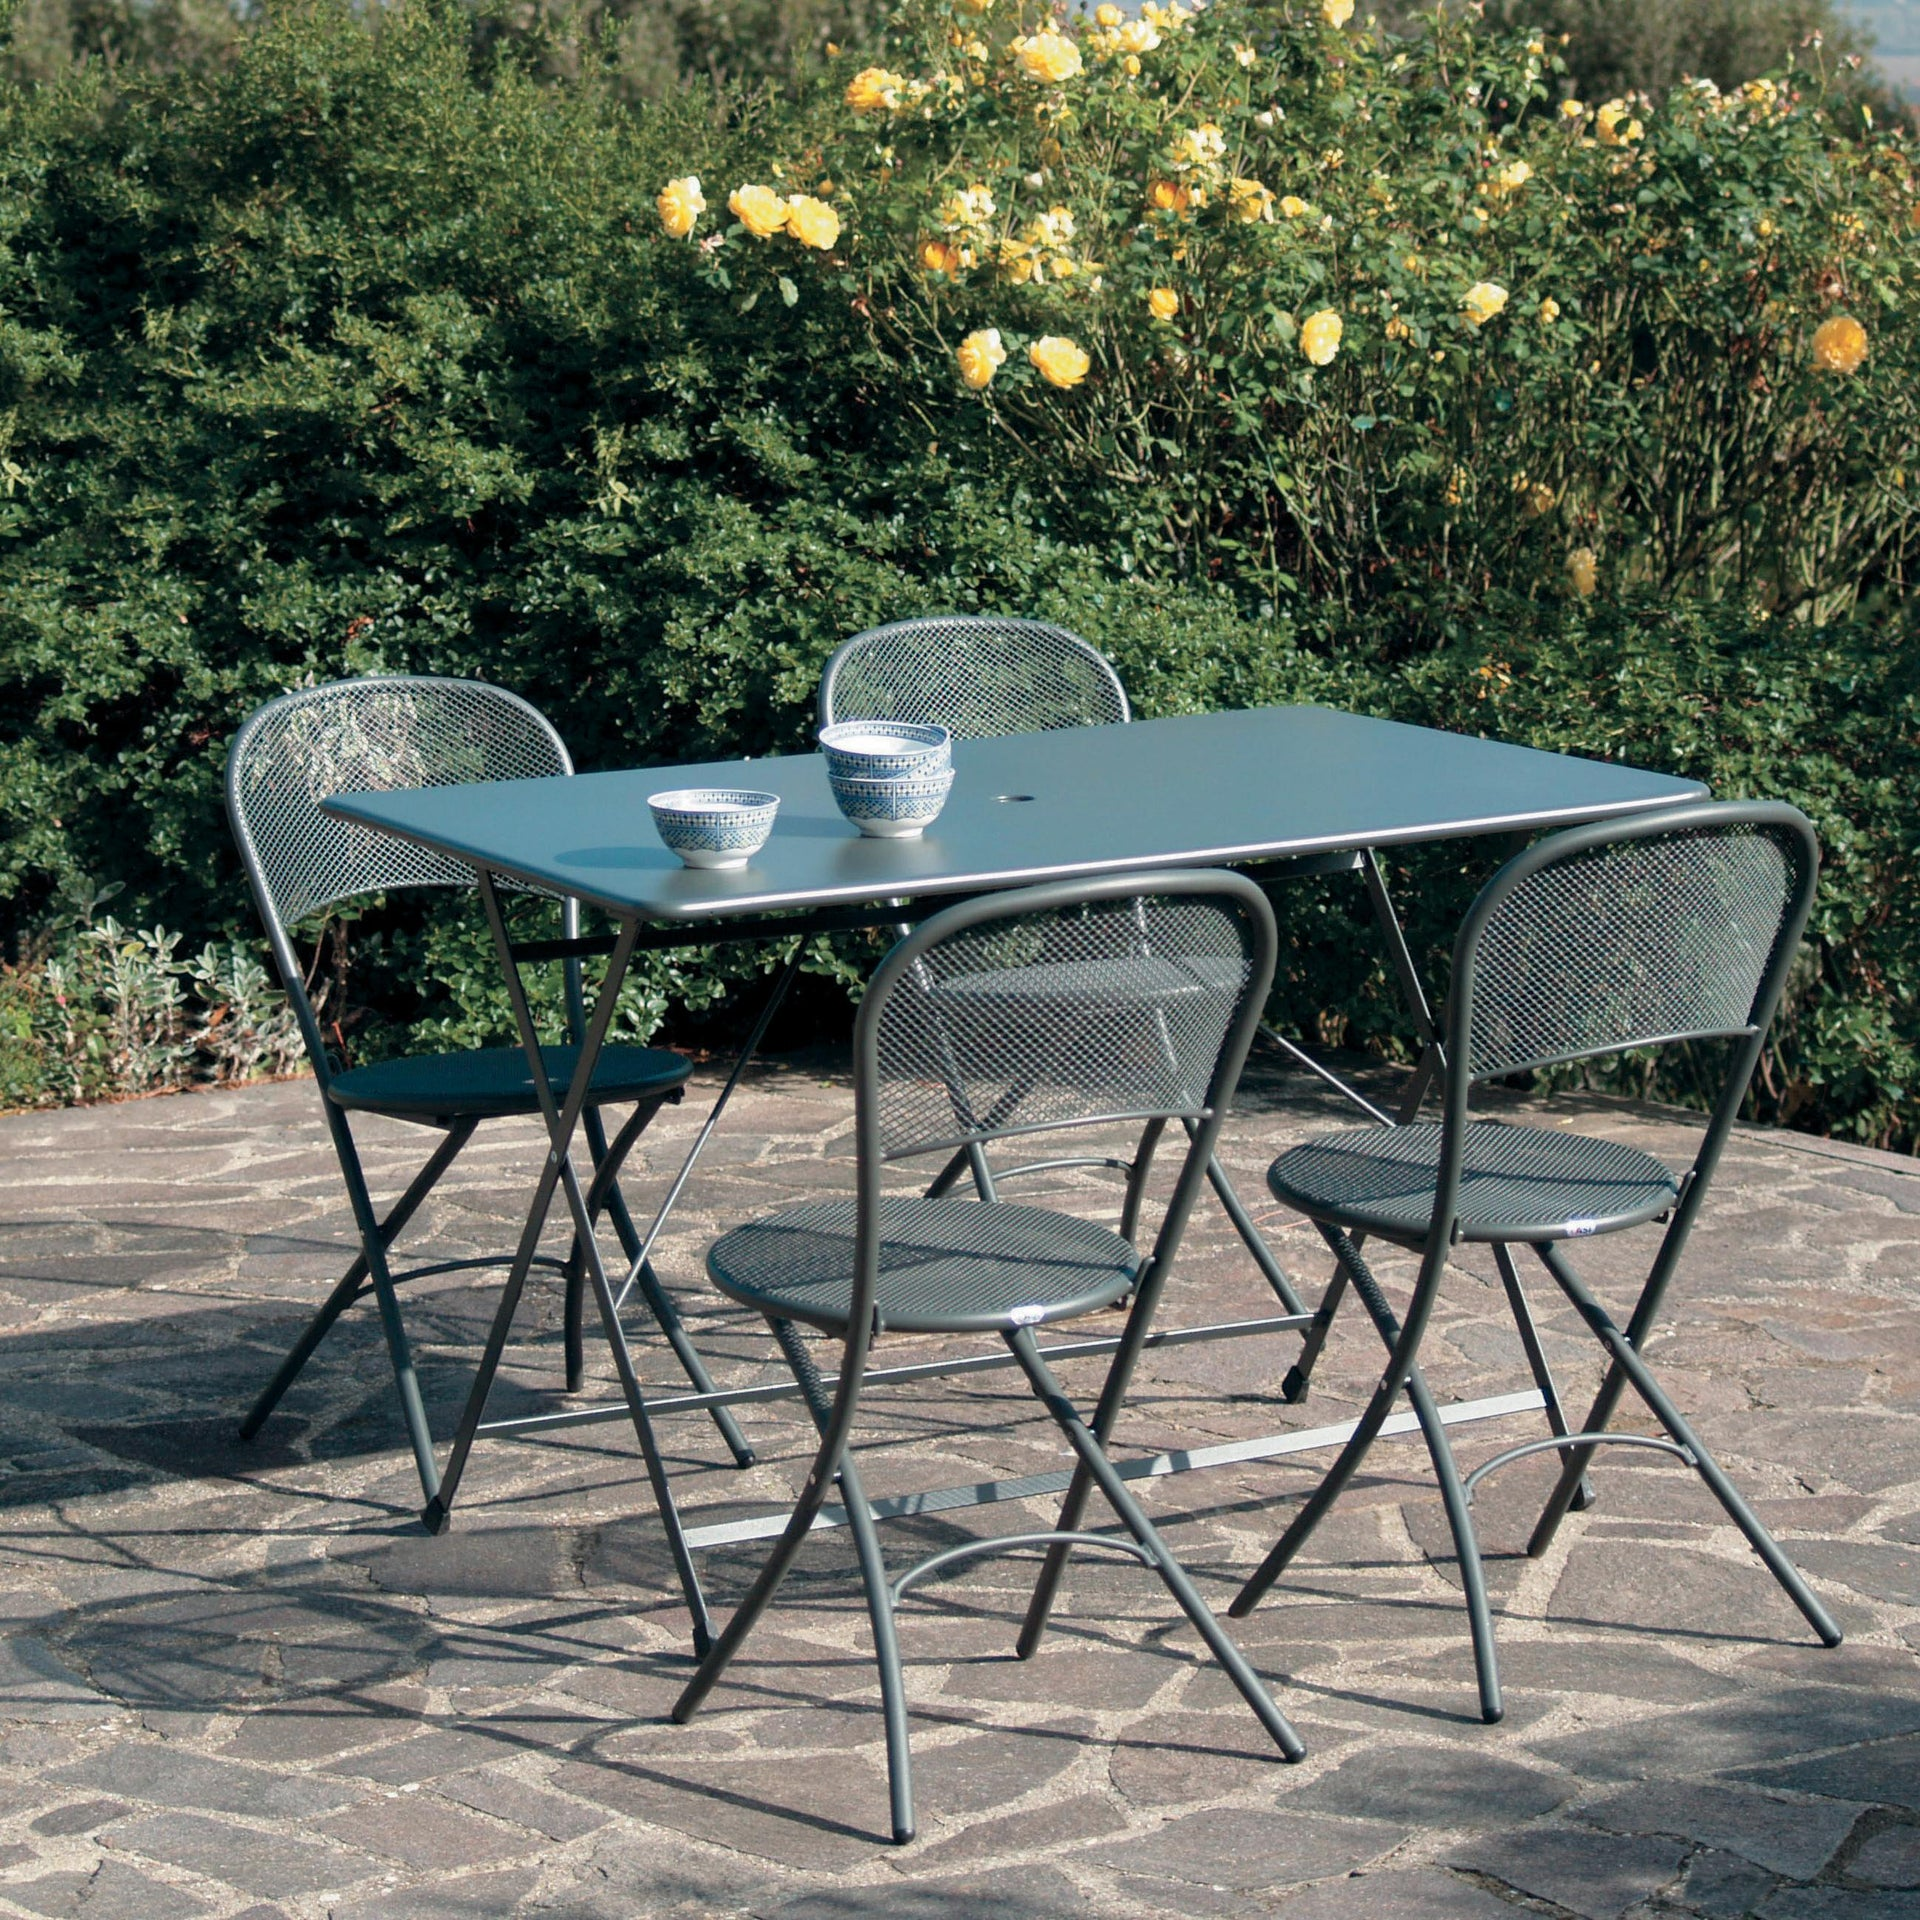 Tavolo da pranzo per giardino rettangolare Cassis con piano in acciaio L 76 x P 120 cm - 2